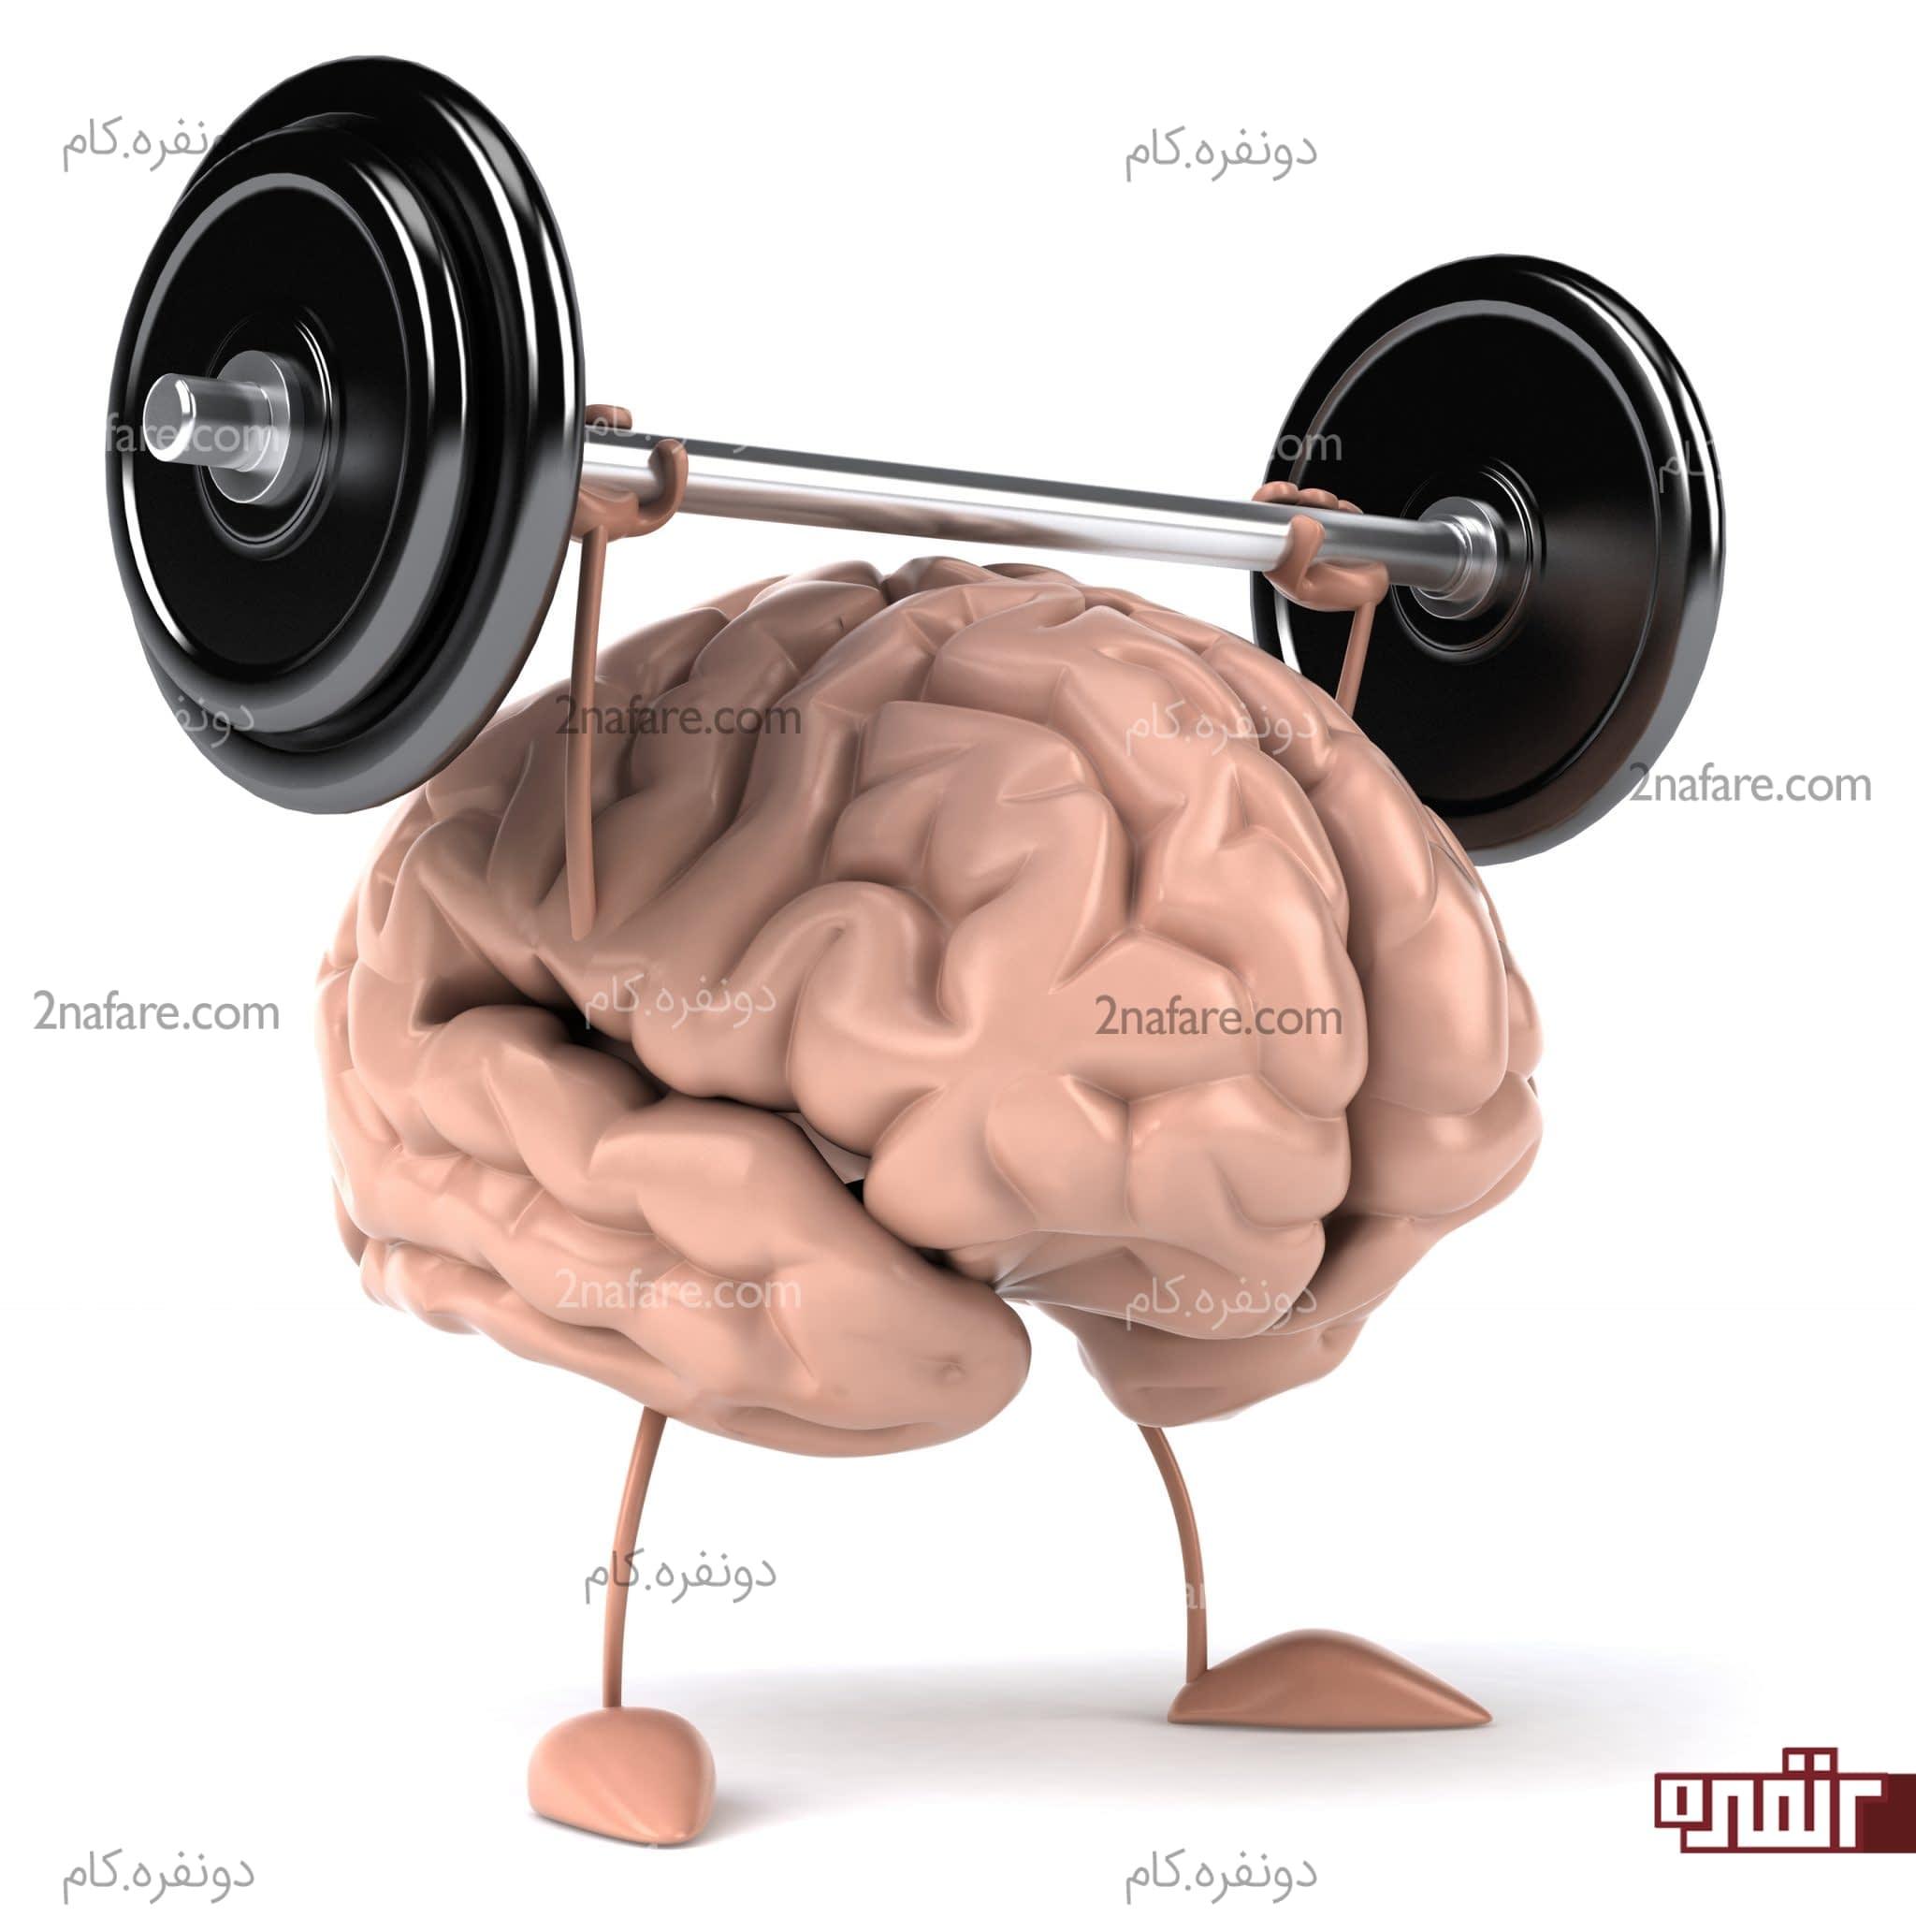 ورزش کردن چه تأثیری بر مغز دارد؟